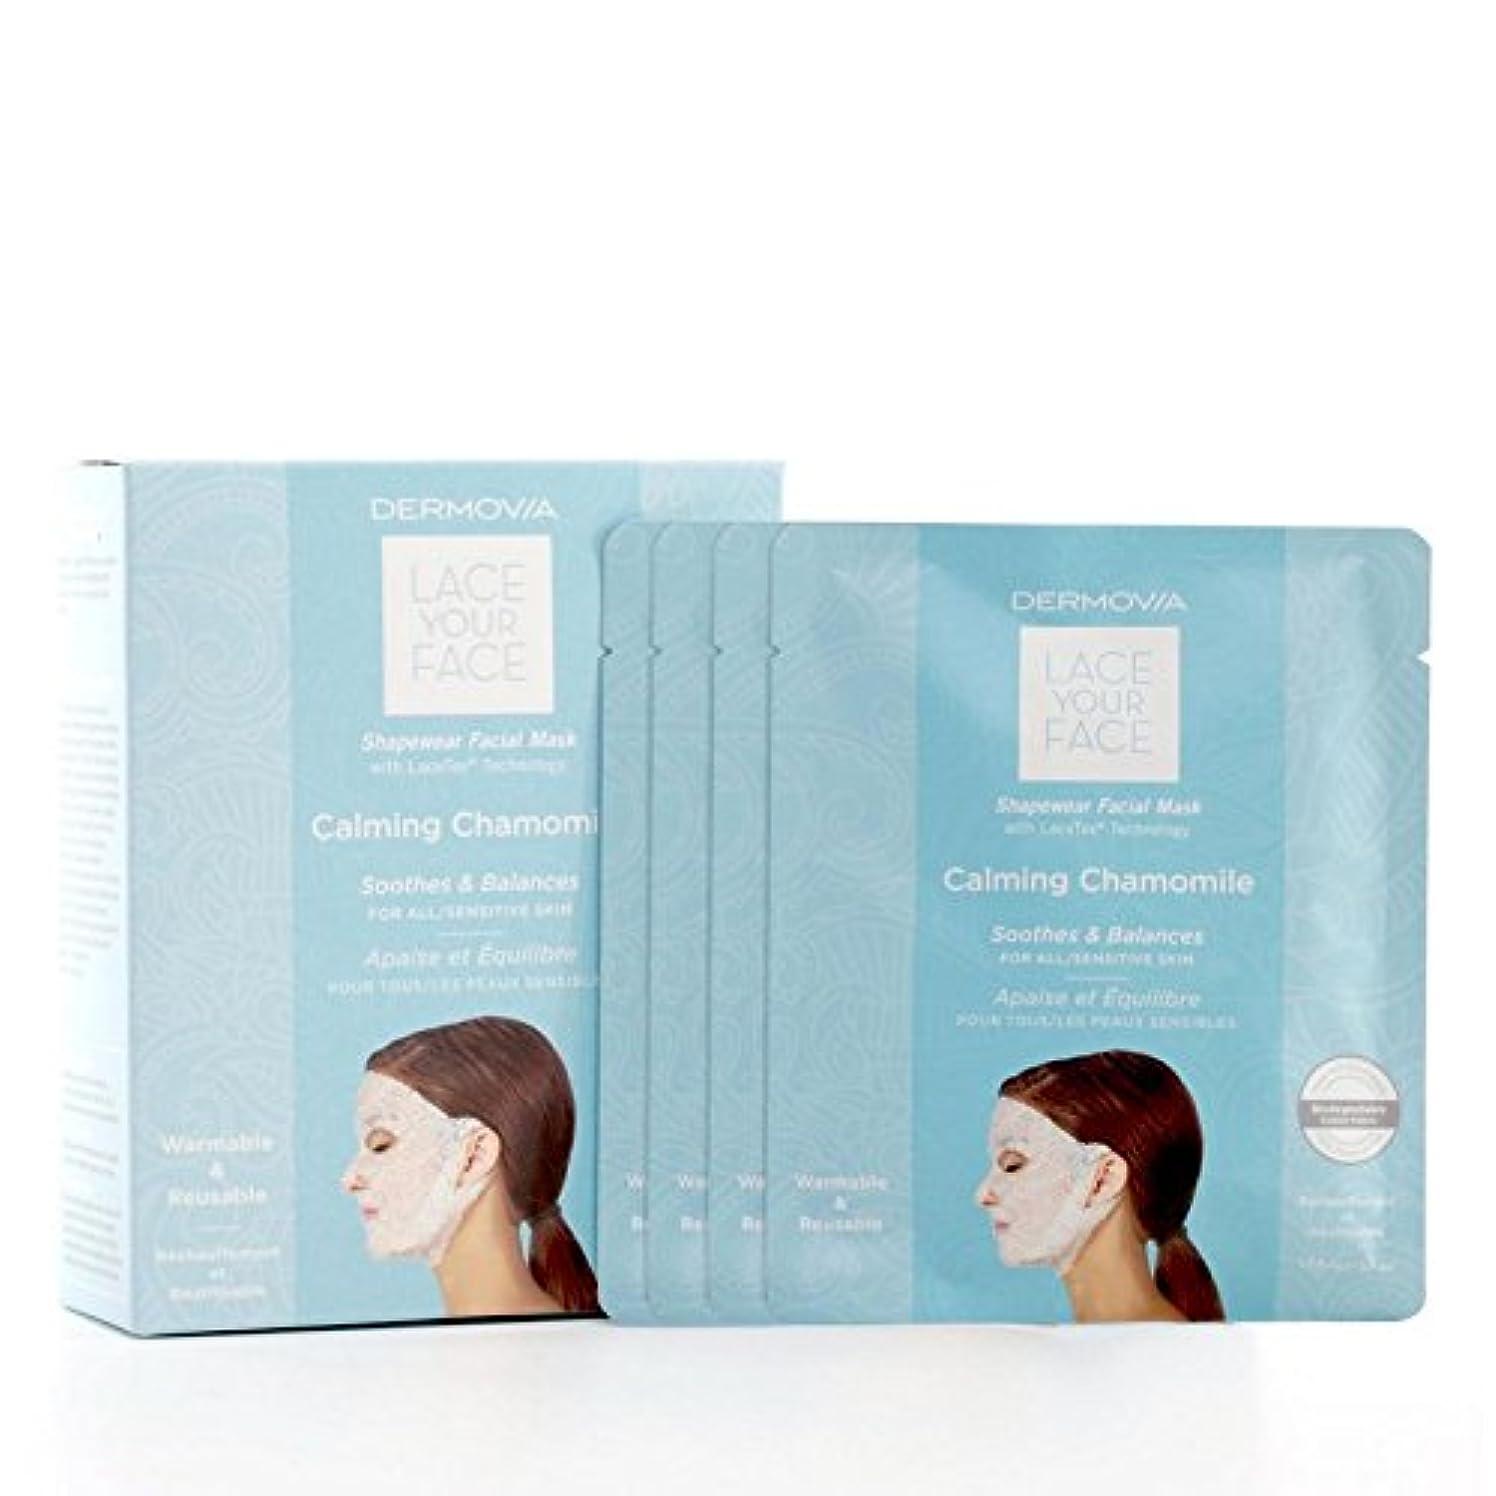 先のことを考える最大化する苦痛は、あなたの顔の圧縮フェイシャルマスク心を落ち着かせるカモミールをひもで締めます x4 - Dermovia Lace Your Face Compression Facial Mask Calming Chamomile...